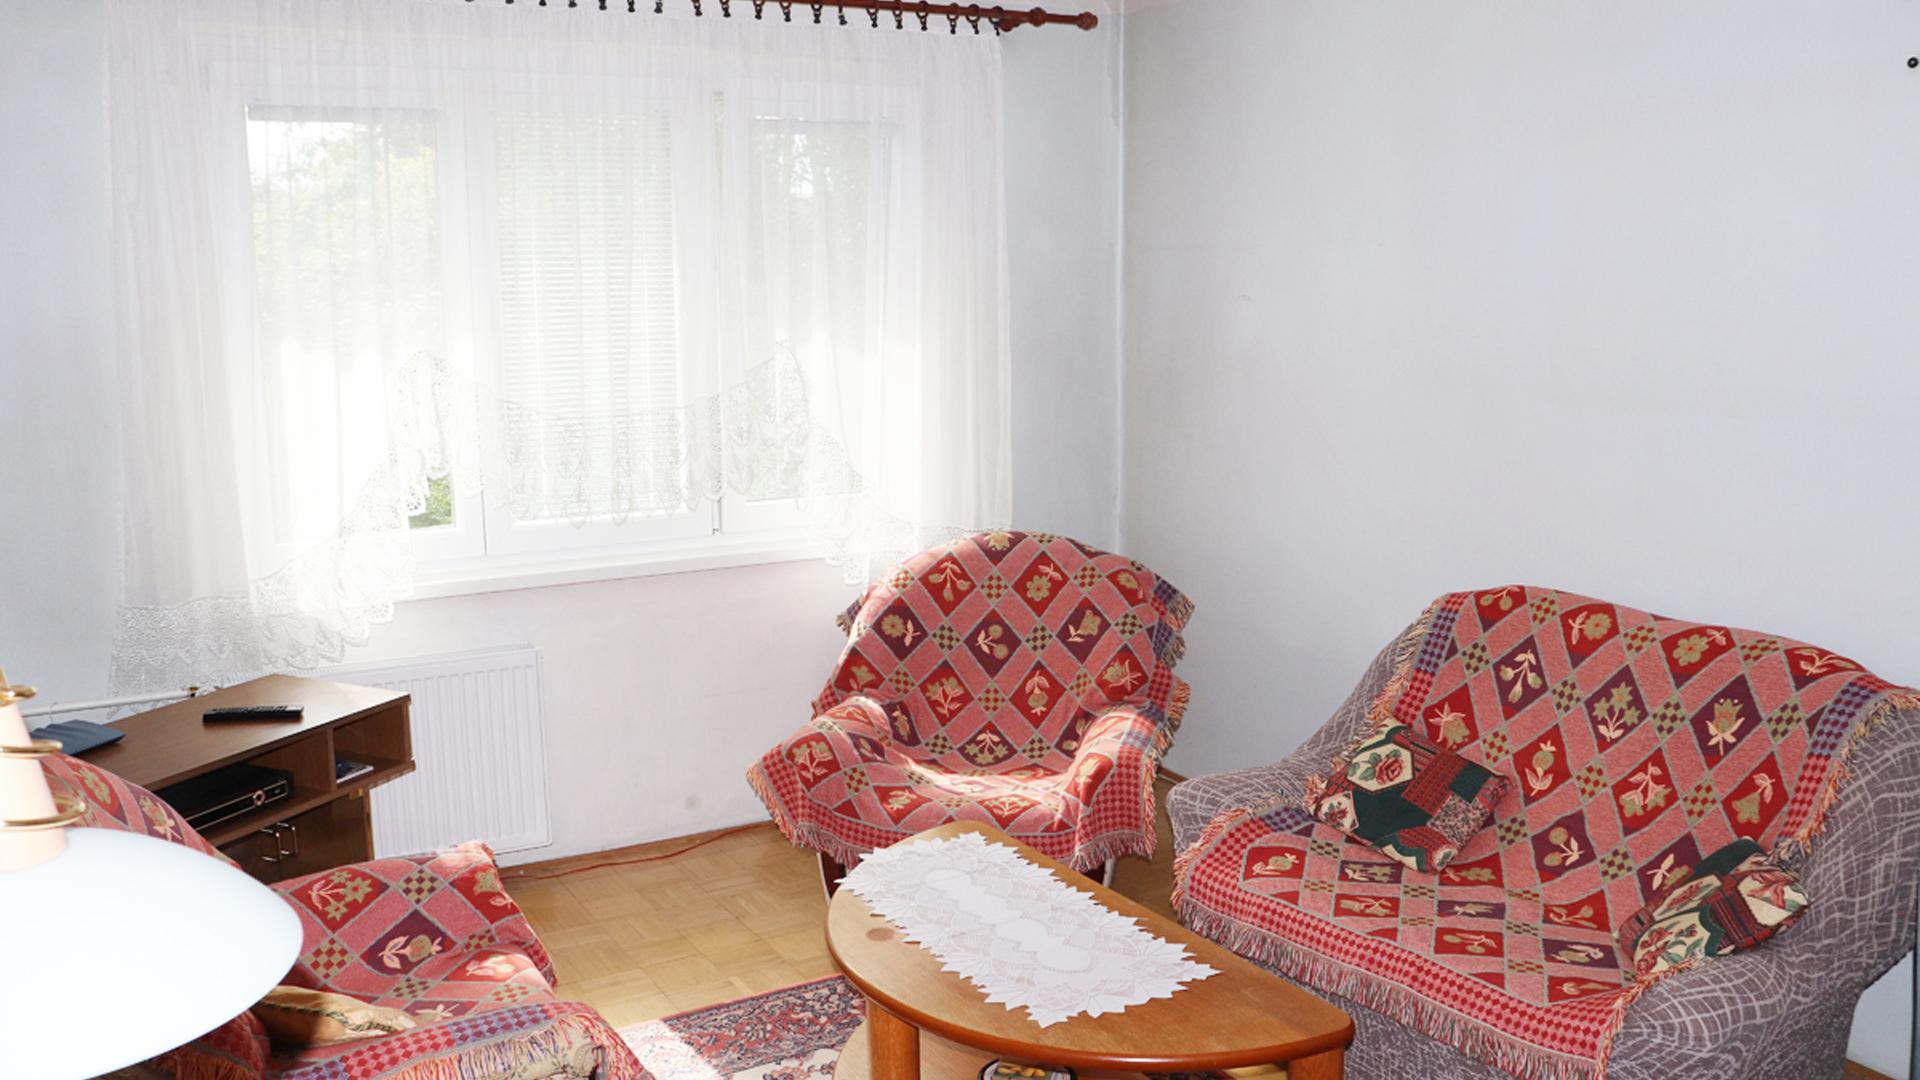 3 izbový byt na predaj vo výbornej lokalite, Zvolen – PREDANÉ